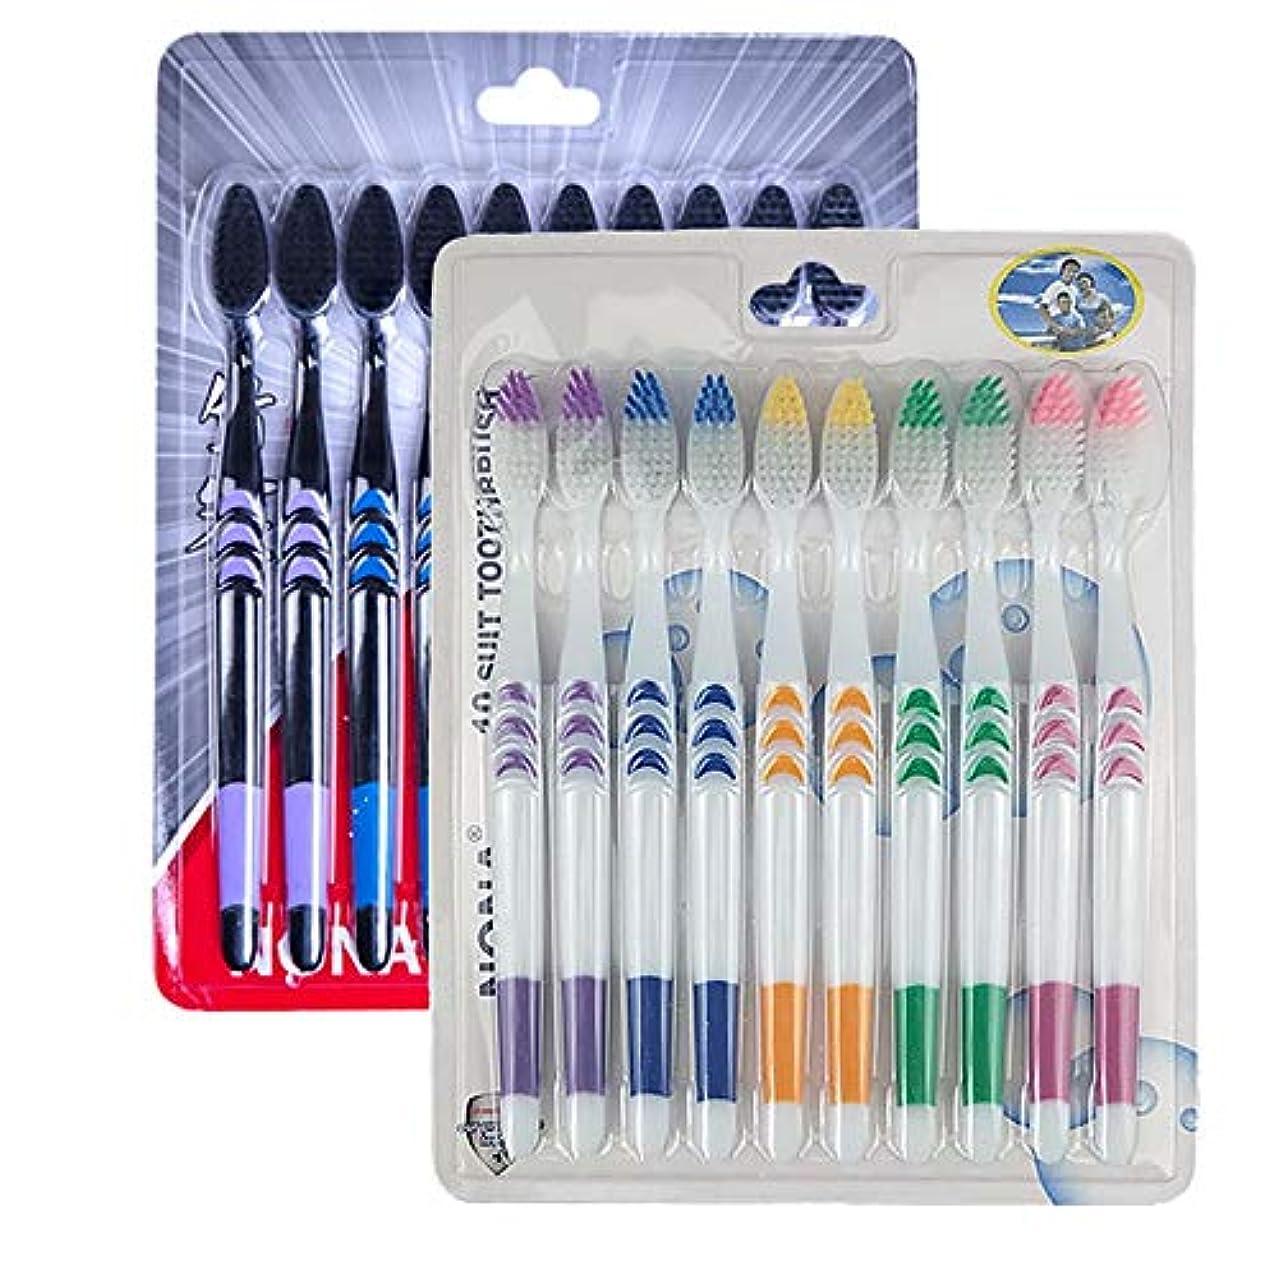 殺しますテープ殺します歯ブラシ 20パック歯ブラシ、竹炭歯ブラシ、大人歯ブラシ、歯茎をマッサージ - 使用可能なスタイルの3種類 KHL (色 : C, サイズ : 20 packs)